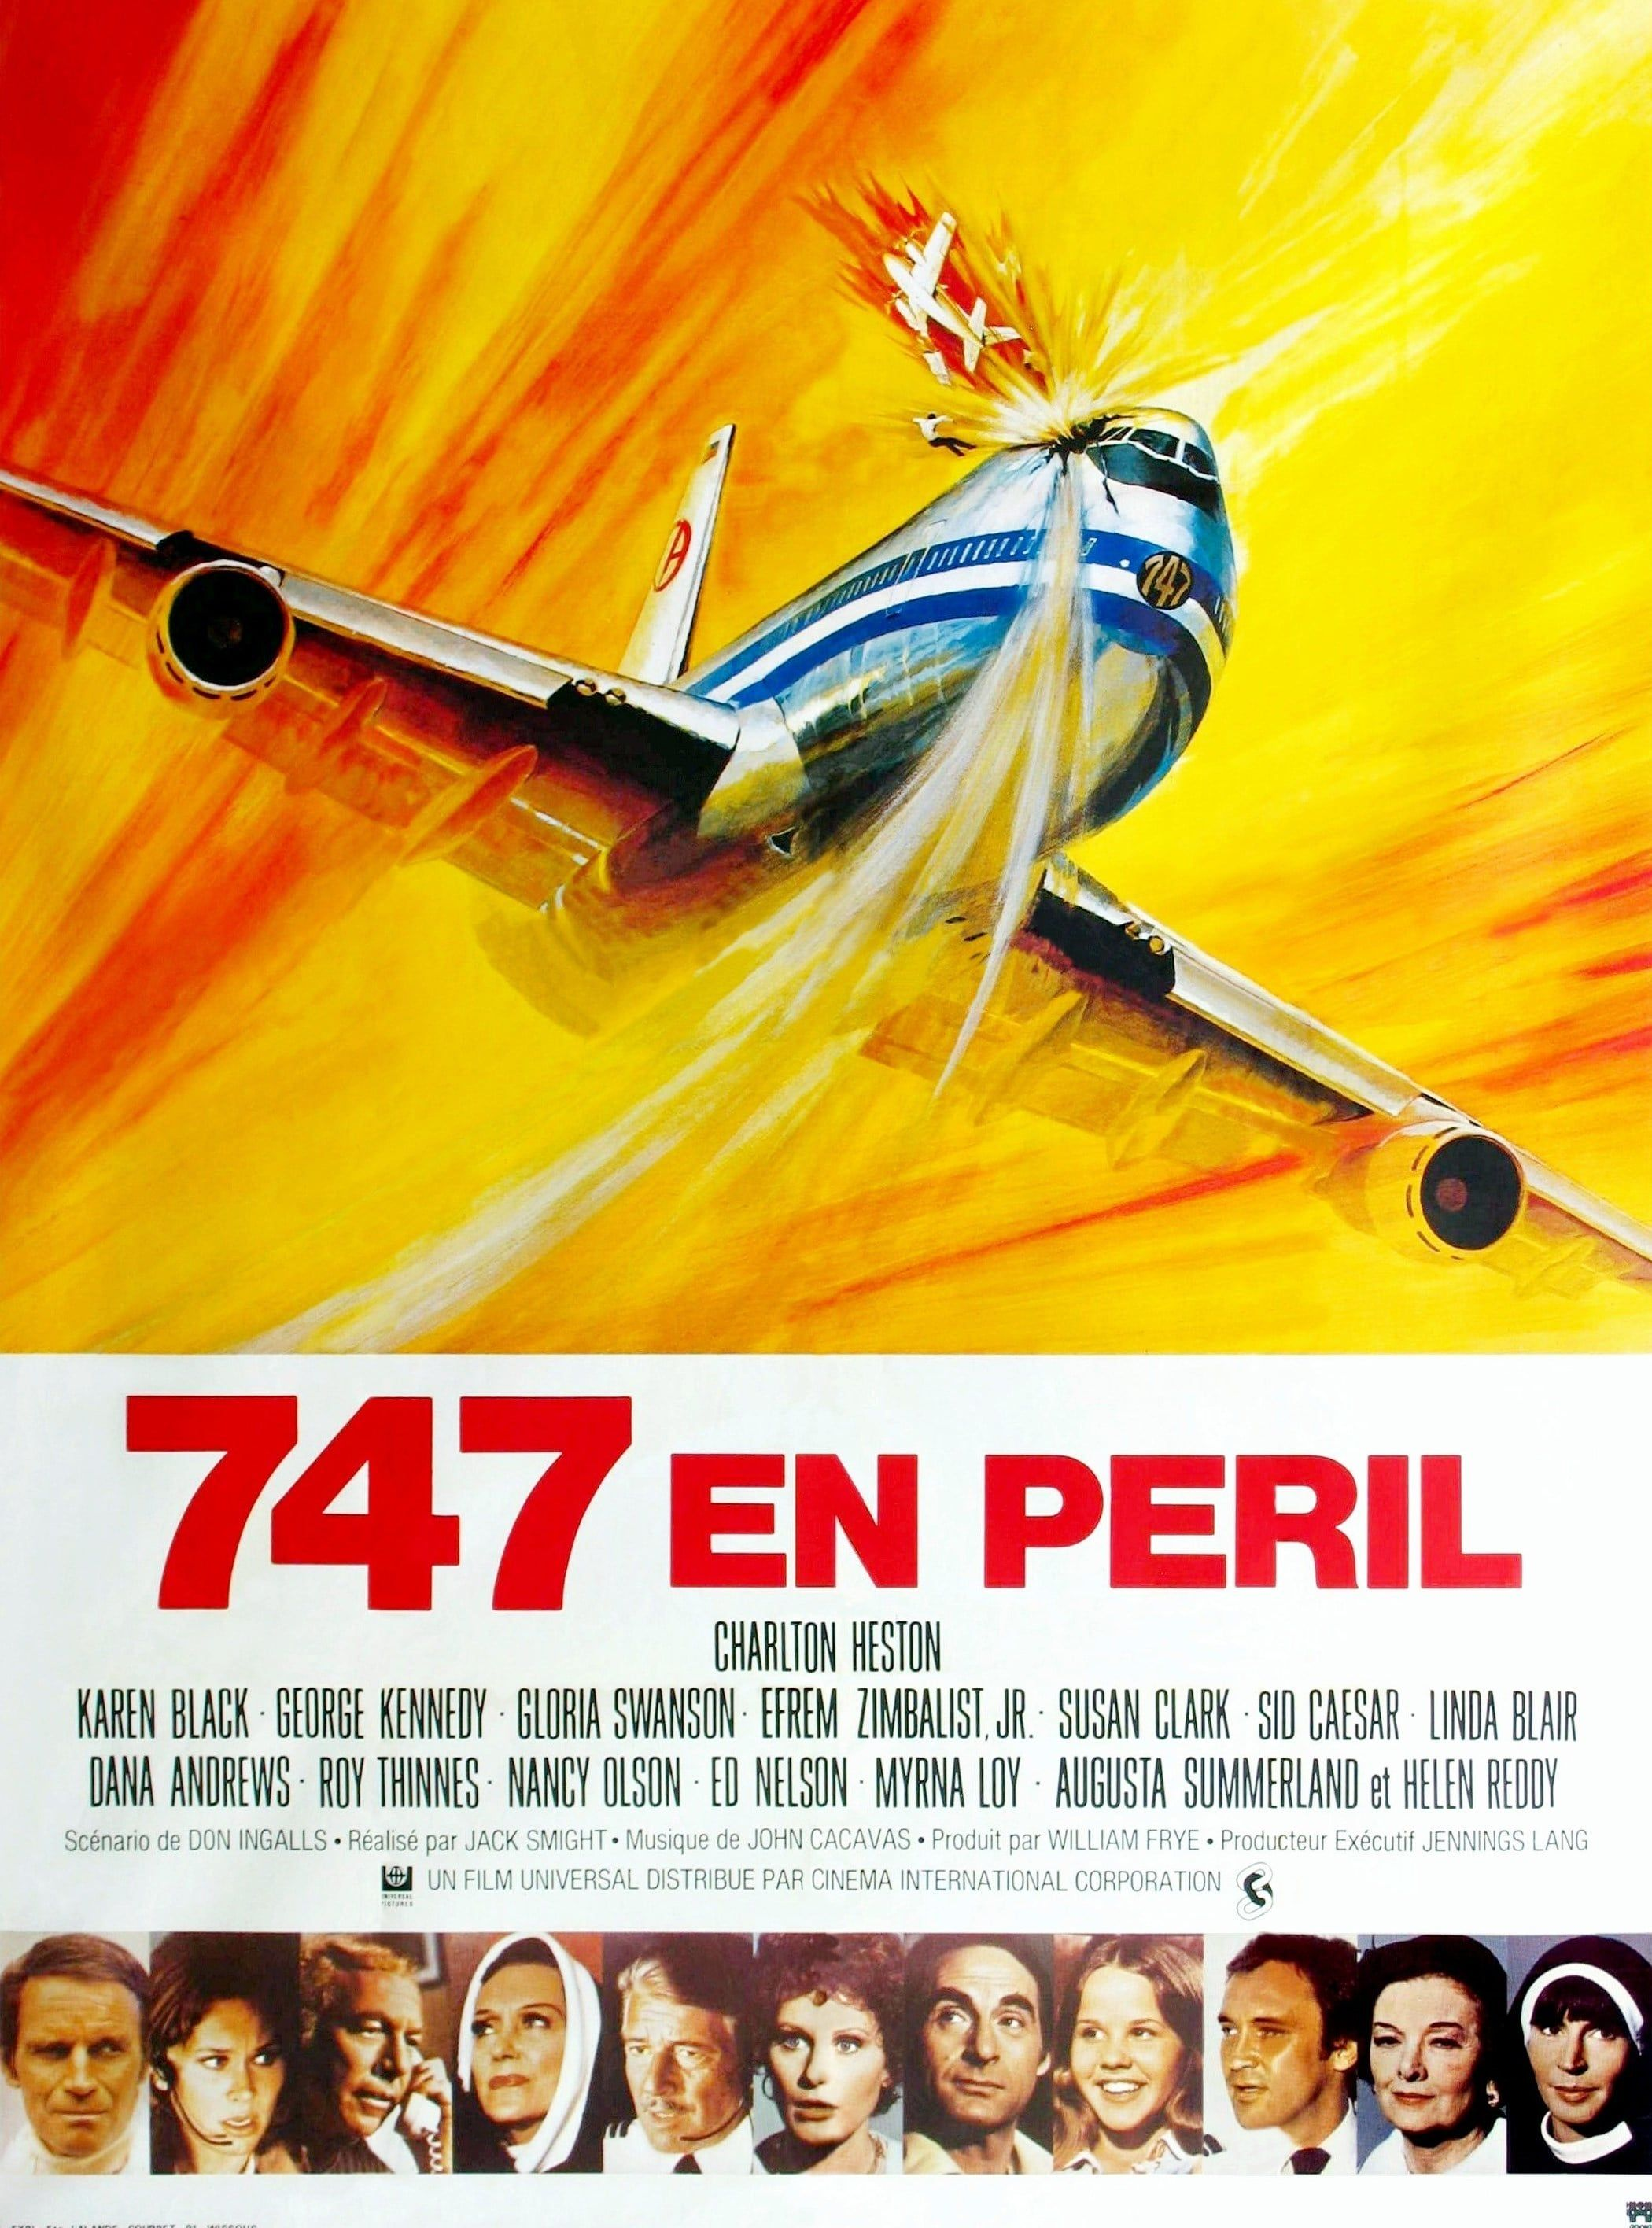 film 747 en péril